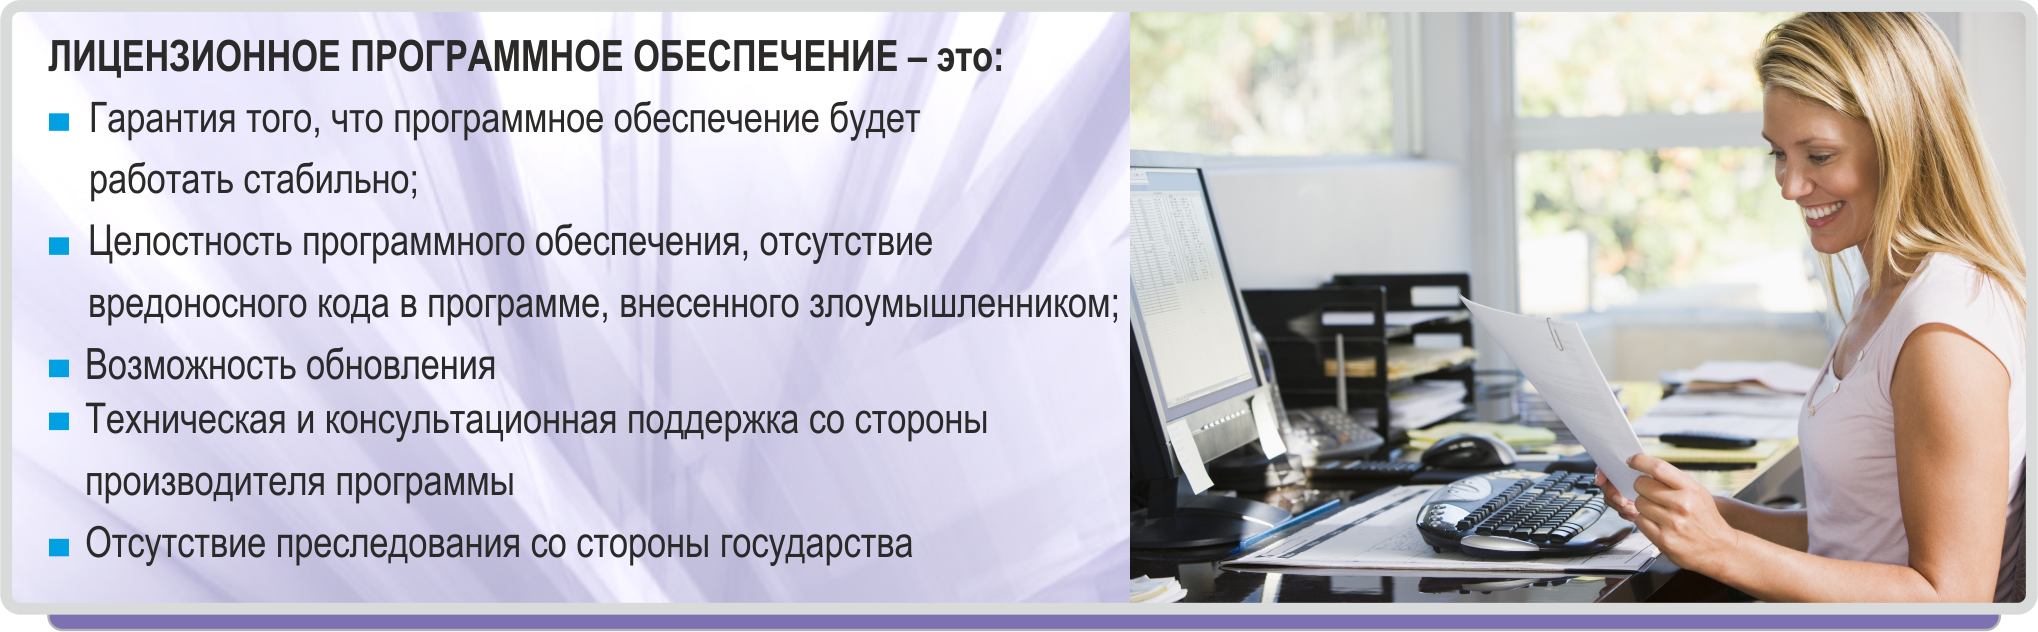 шпаргалка обеспечения. лицензирование программного